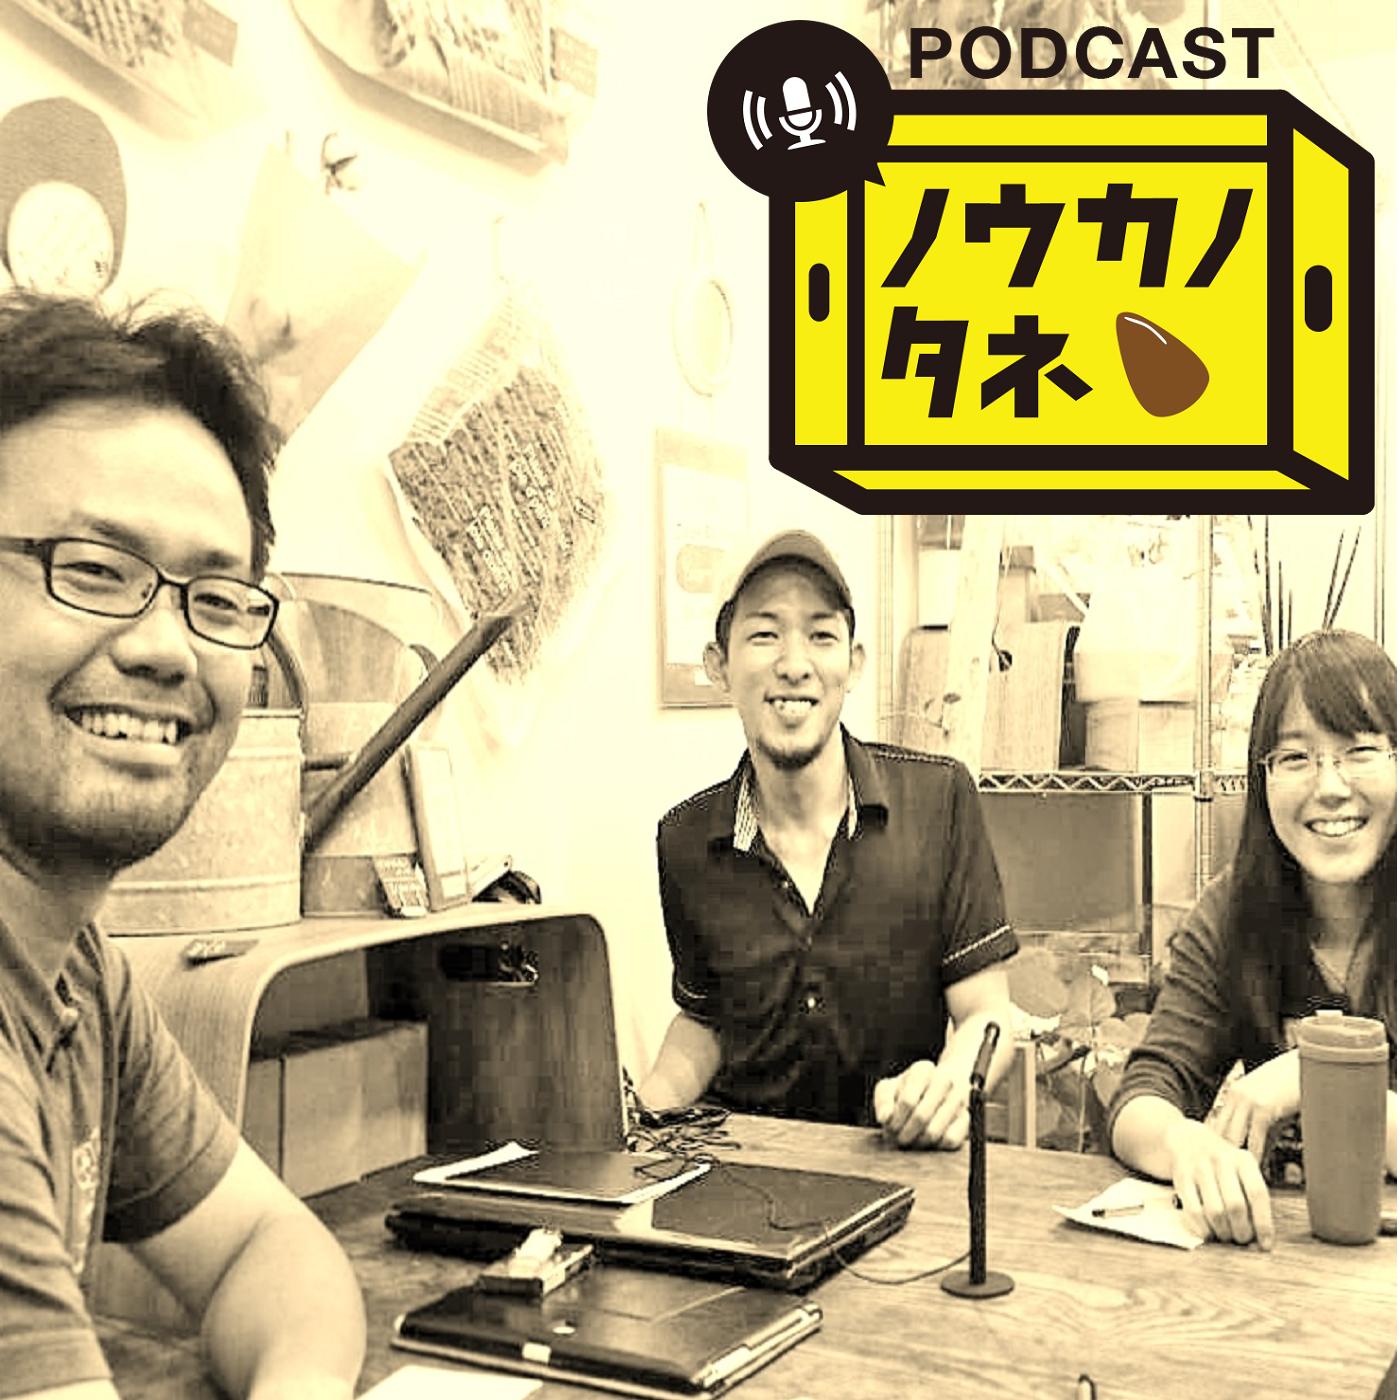 『ノウカノタネ』農業Podcast